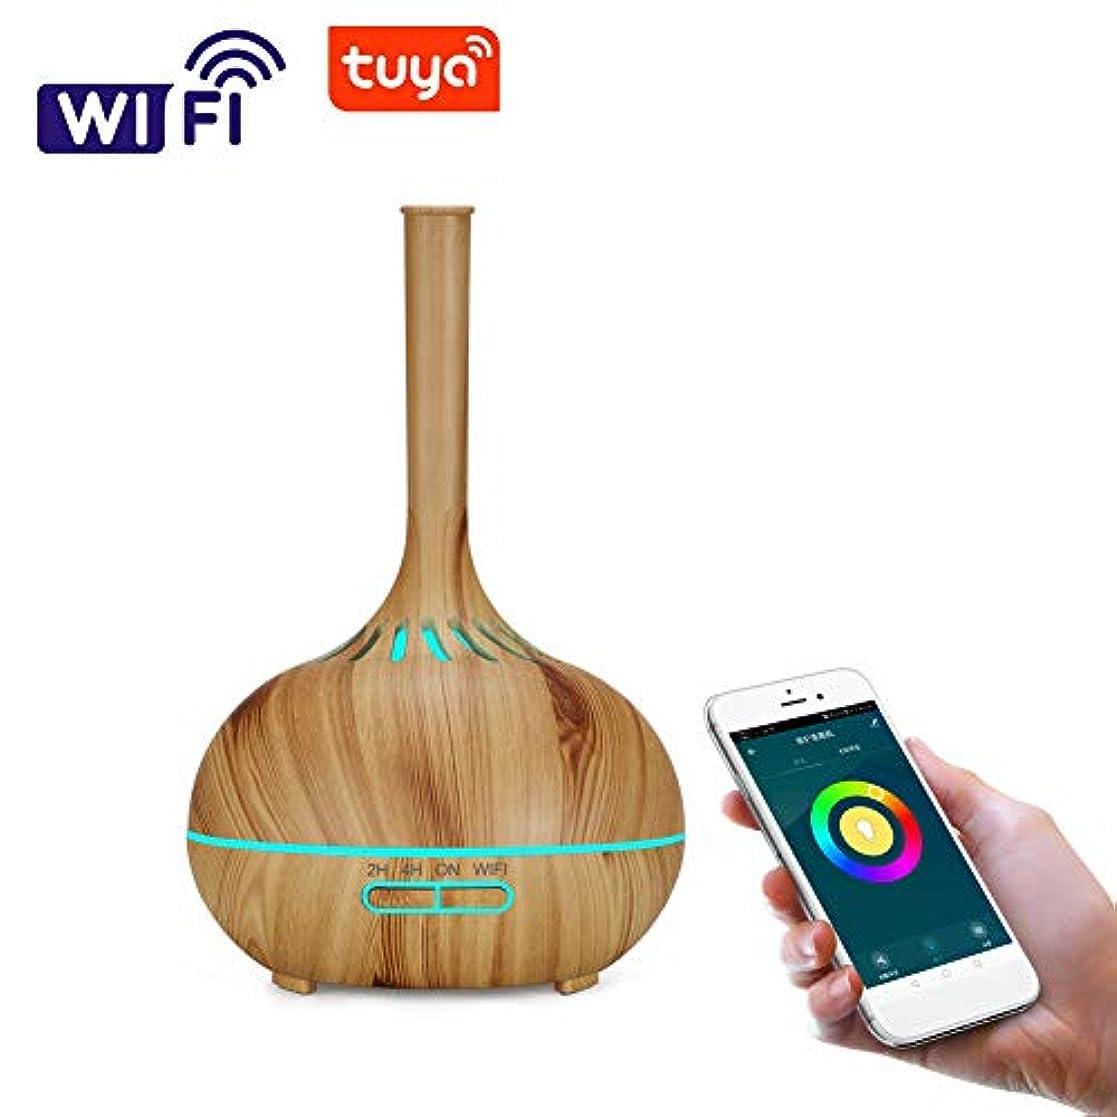 強要死の顎有効化木目 涼しい霧 超音波式 加湿器,wifi 7 色 香り 精油 ディフューザー 調整可能 空気加湿器 アロマネブライザー ホーム Yoga オフィス- 400ml